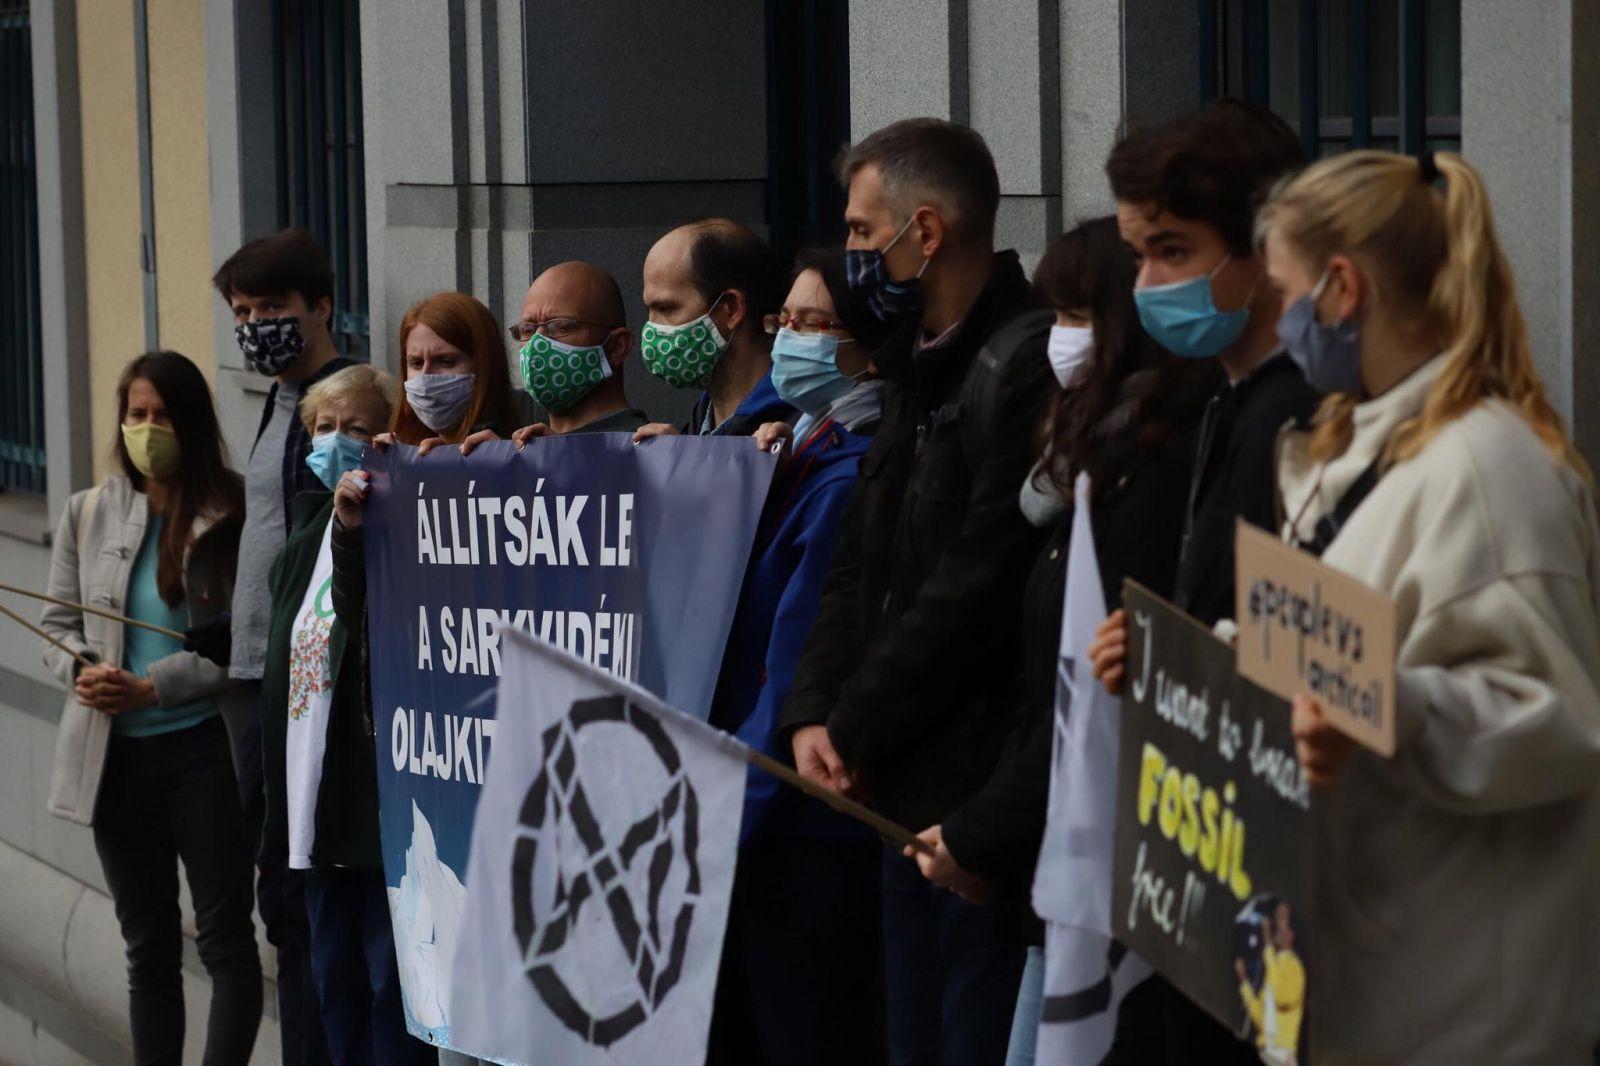 Állítsák le a sarkvidéki olajkitermelést! - szolidaritási akció a budapesti norvég nagykövetség előtt